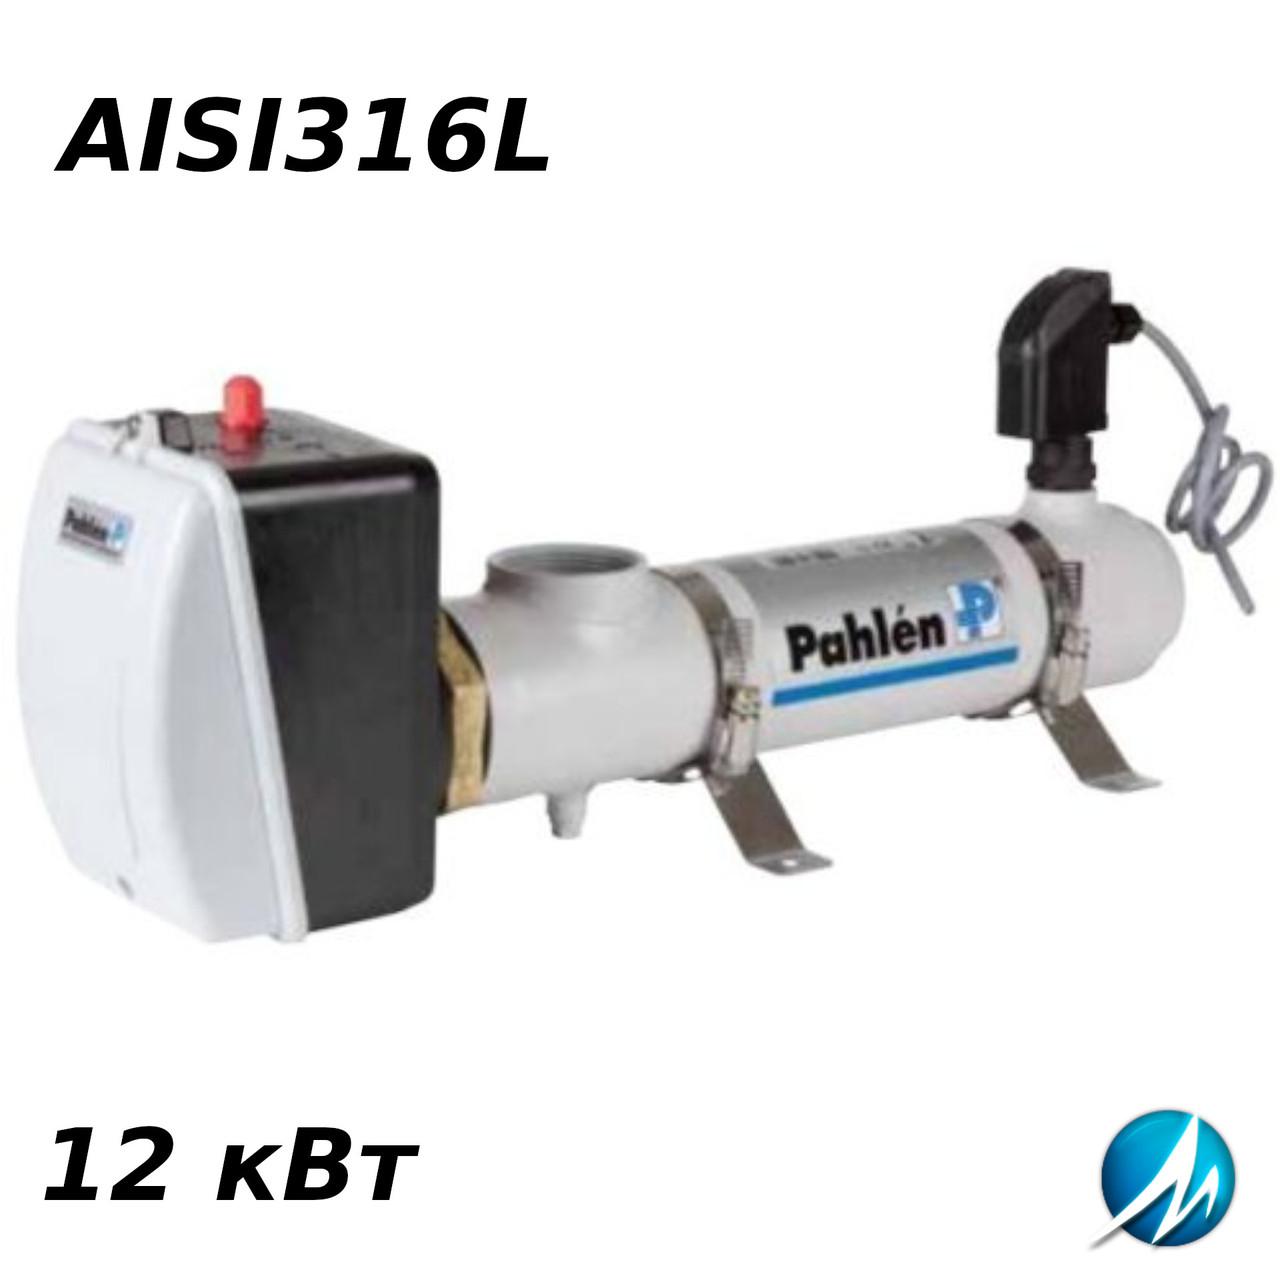 Електронагрівач NEW Pahlen (корпус з н/ж) 12 кВт